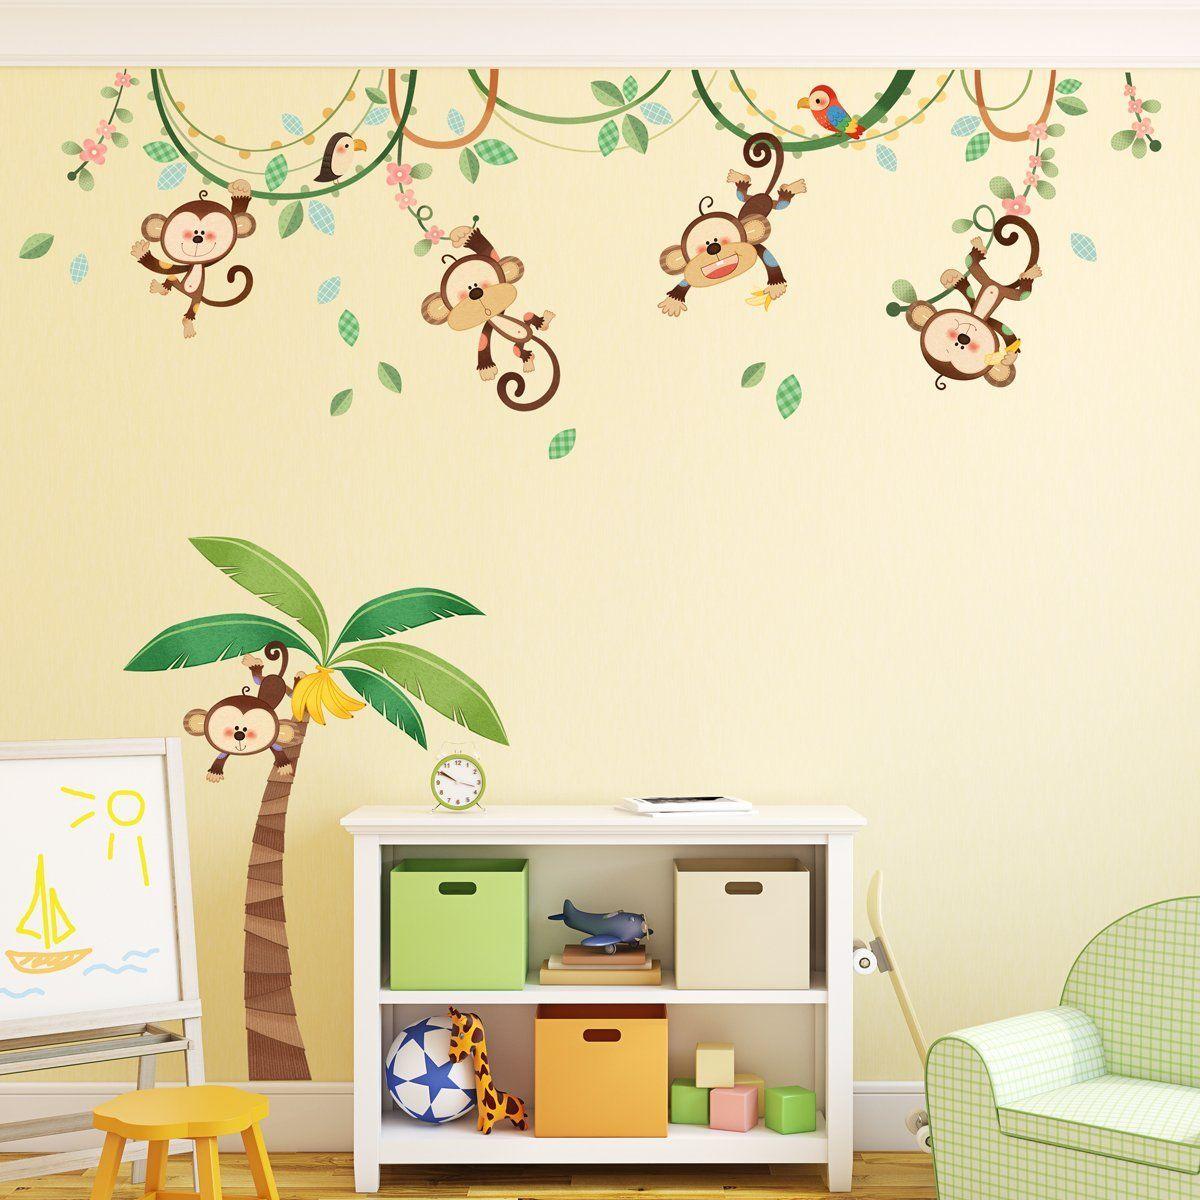 Unique Dschungel Wandtattoo Affe f r das Kinderzimmer